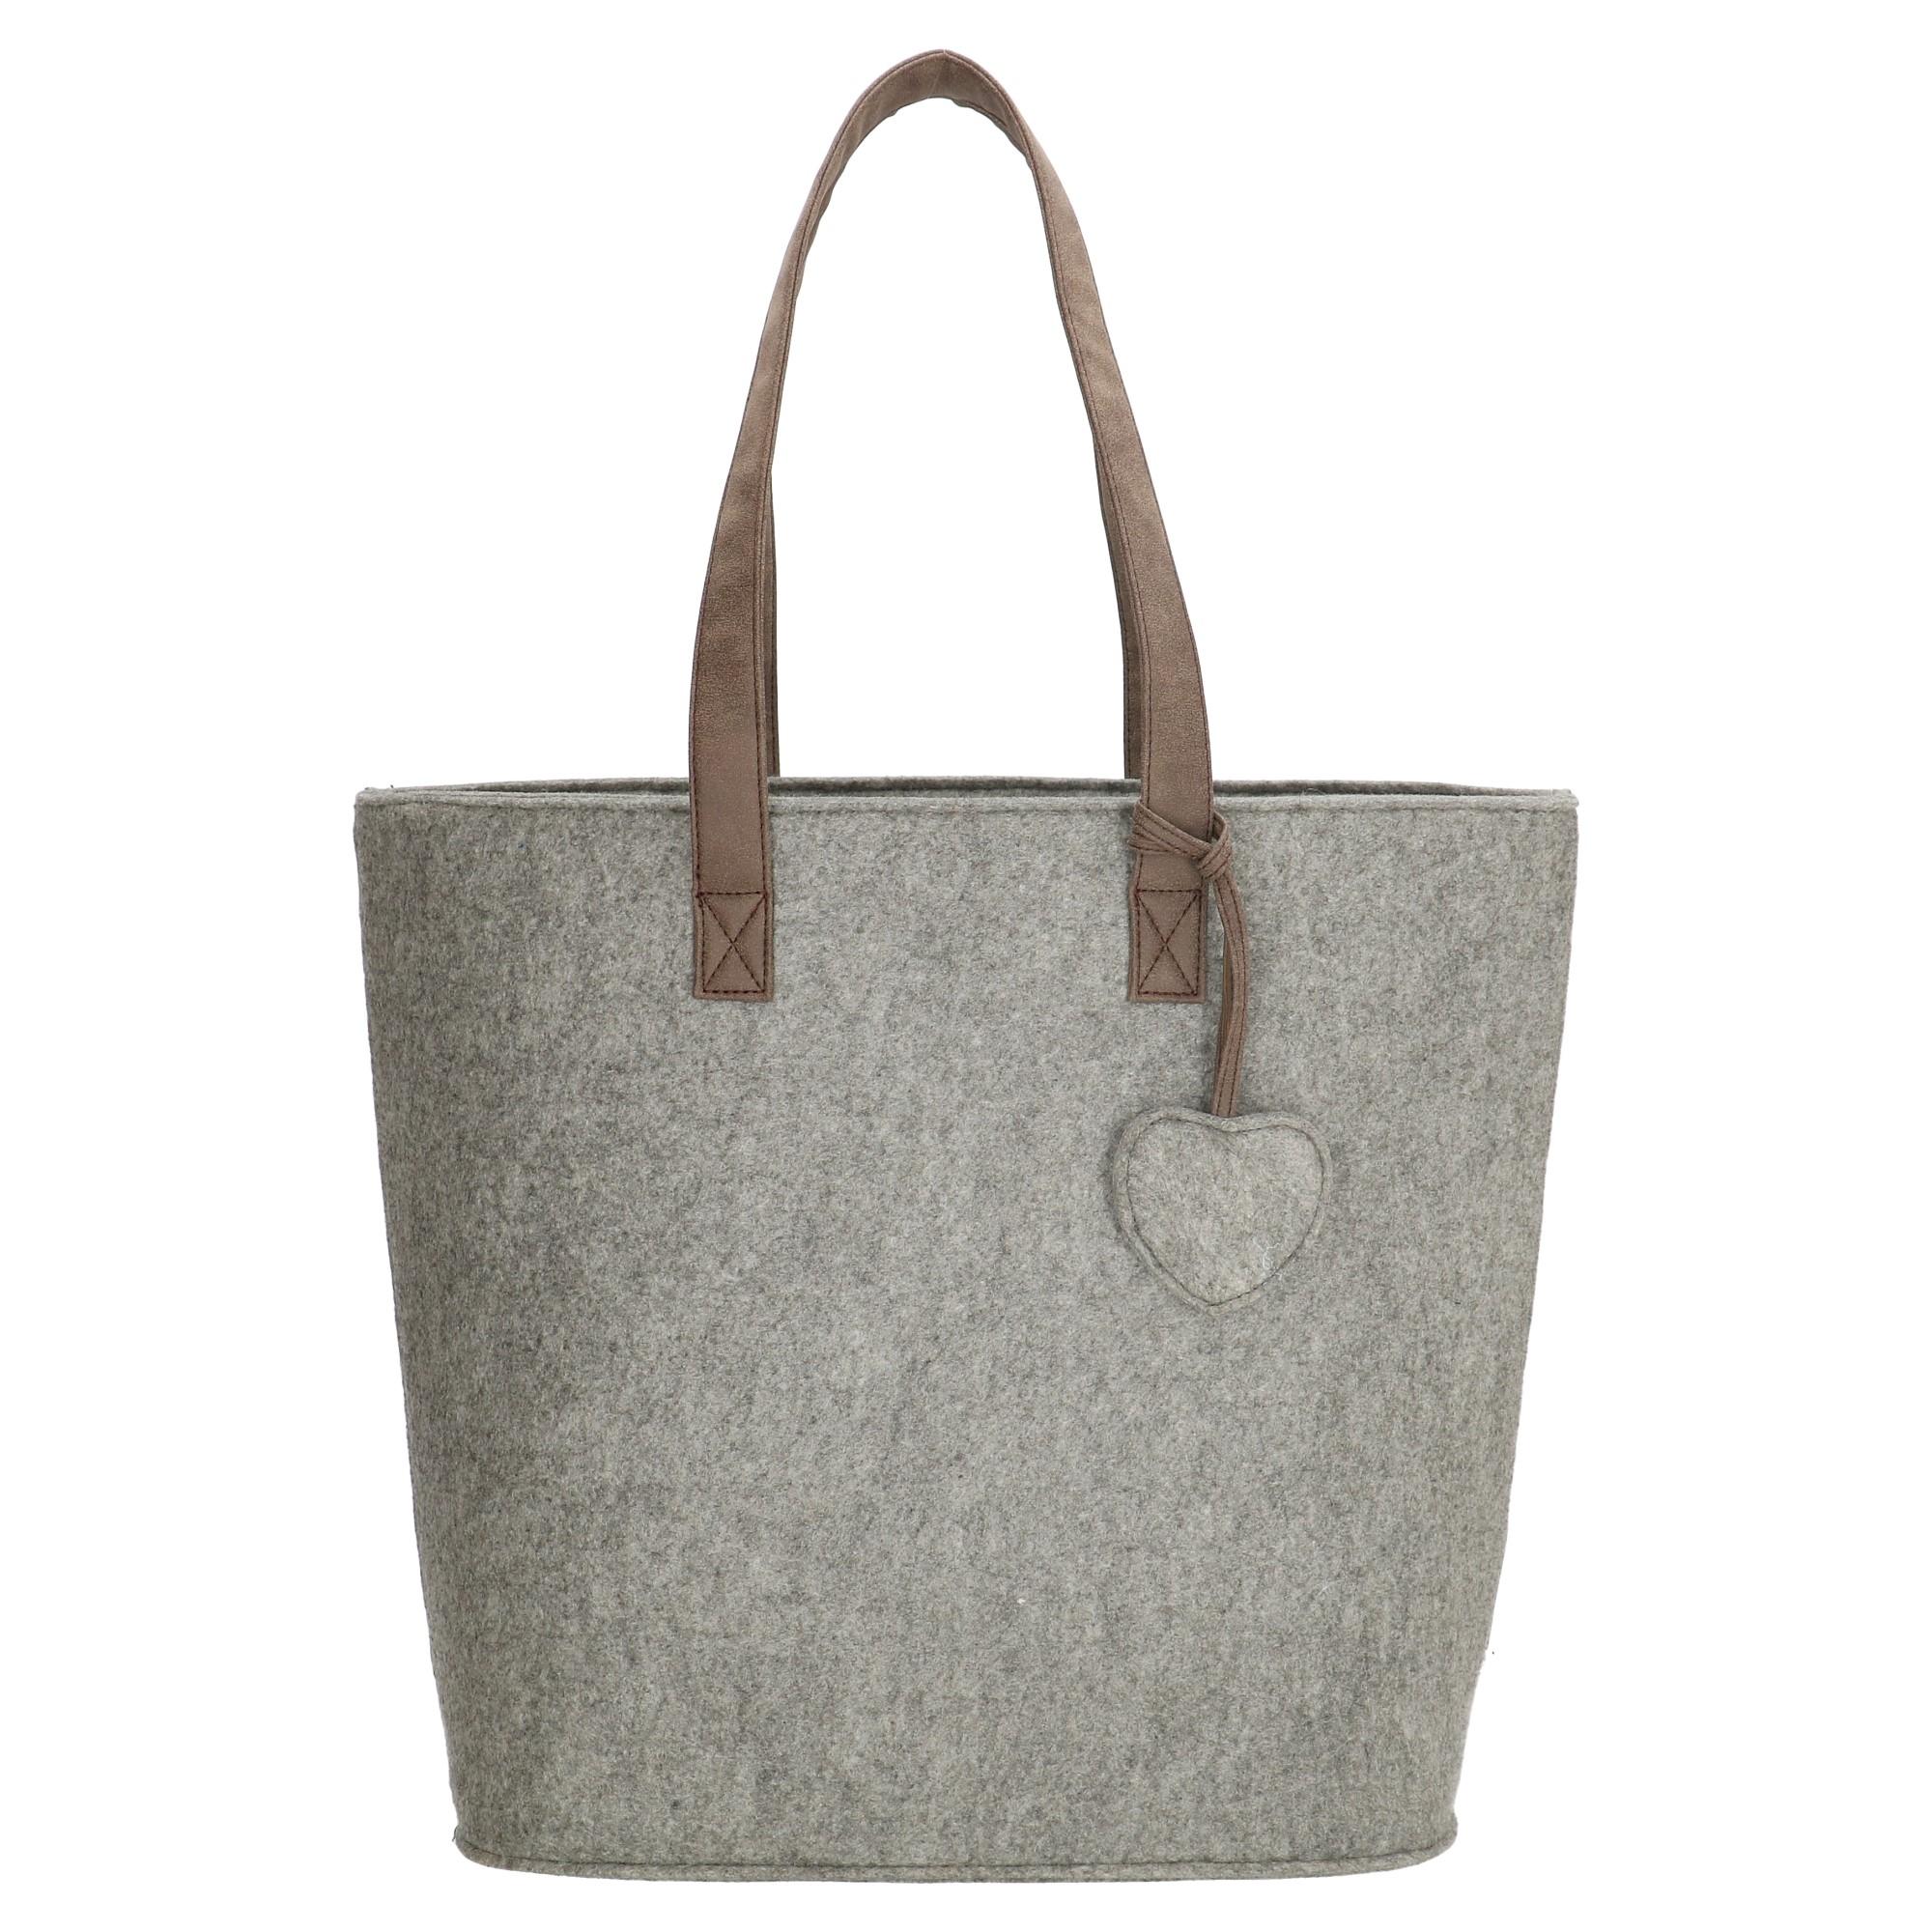 Filcové kabelky Beagles – elegance v každém detailu